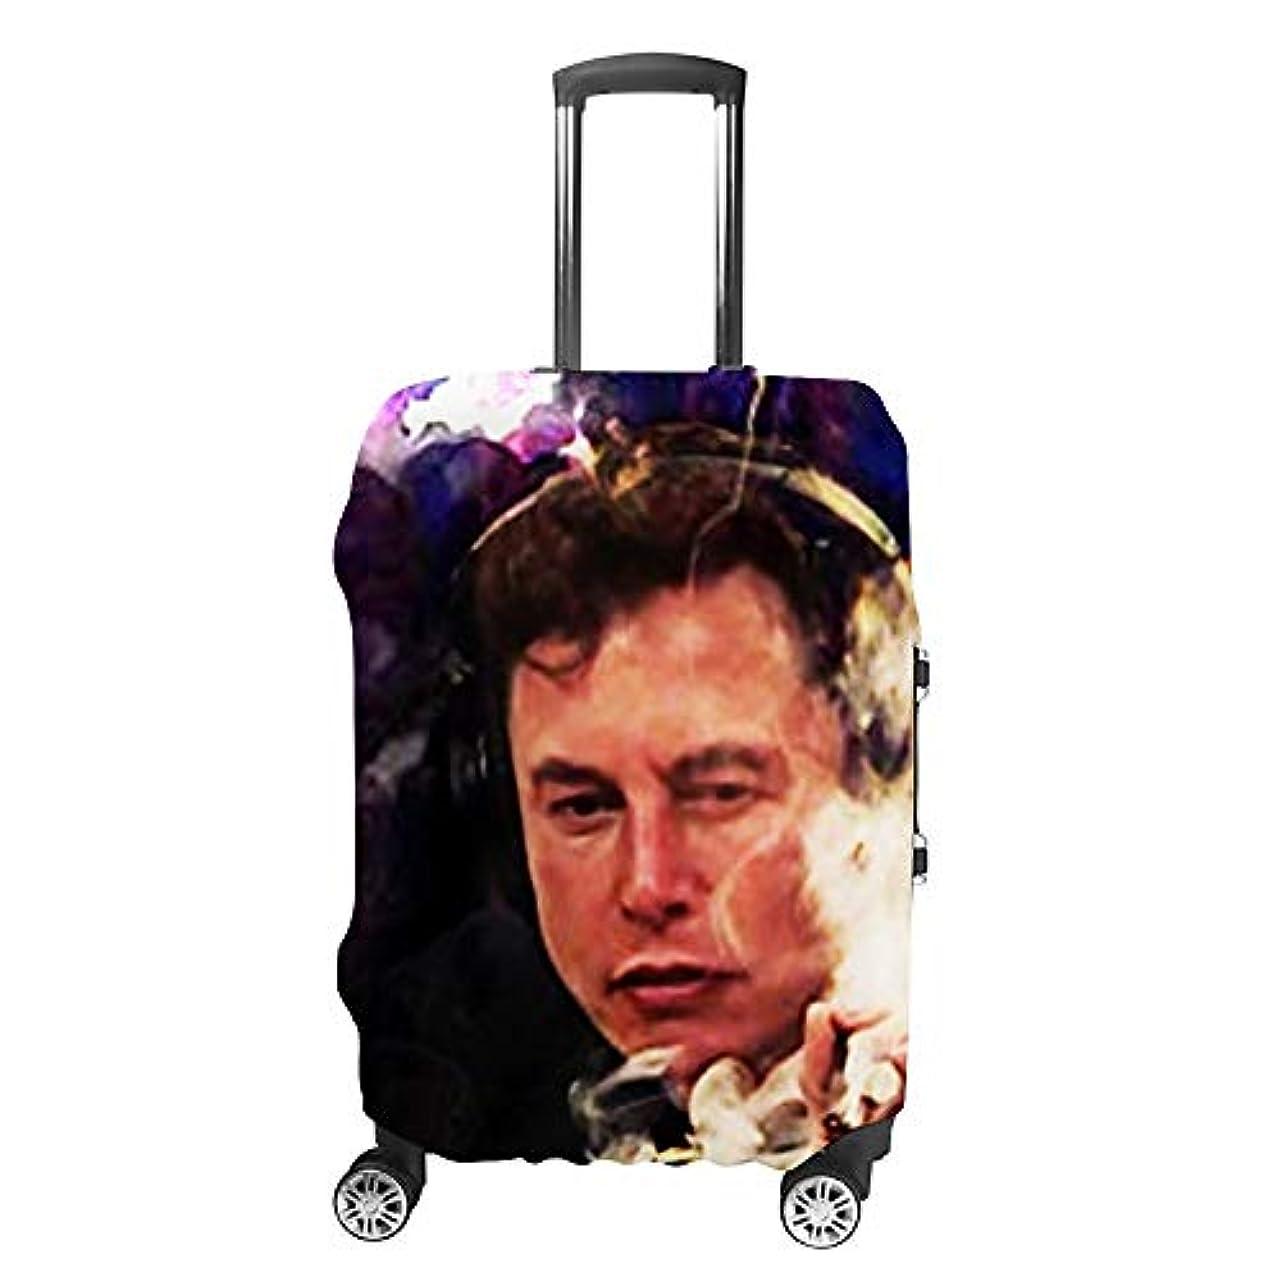 恩恵人に関する限りクレアElon Musk ファッション旅行荷物カバースーツケース荷物プロテクター旅行カバー男性用女性用